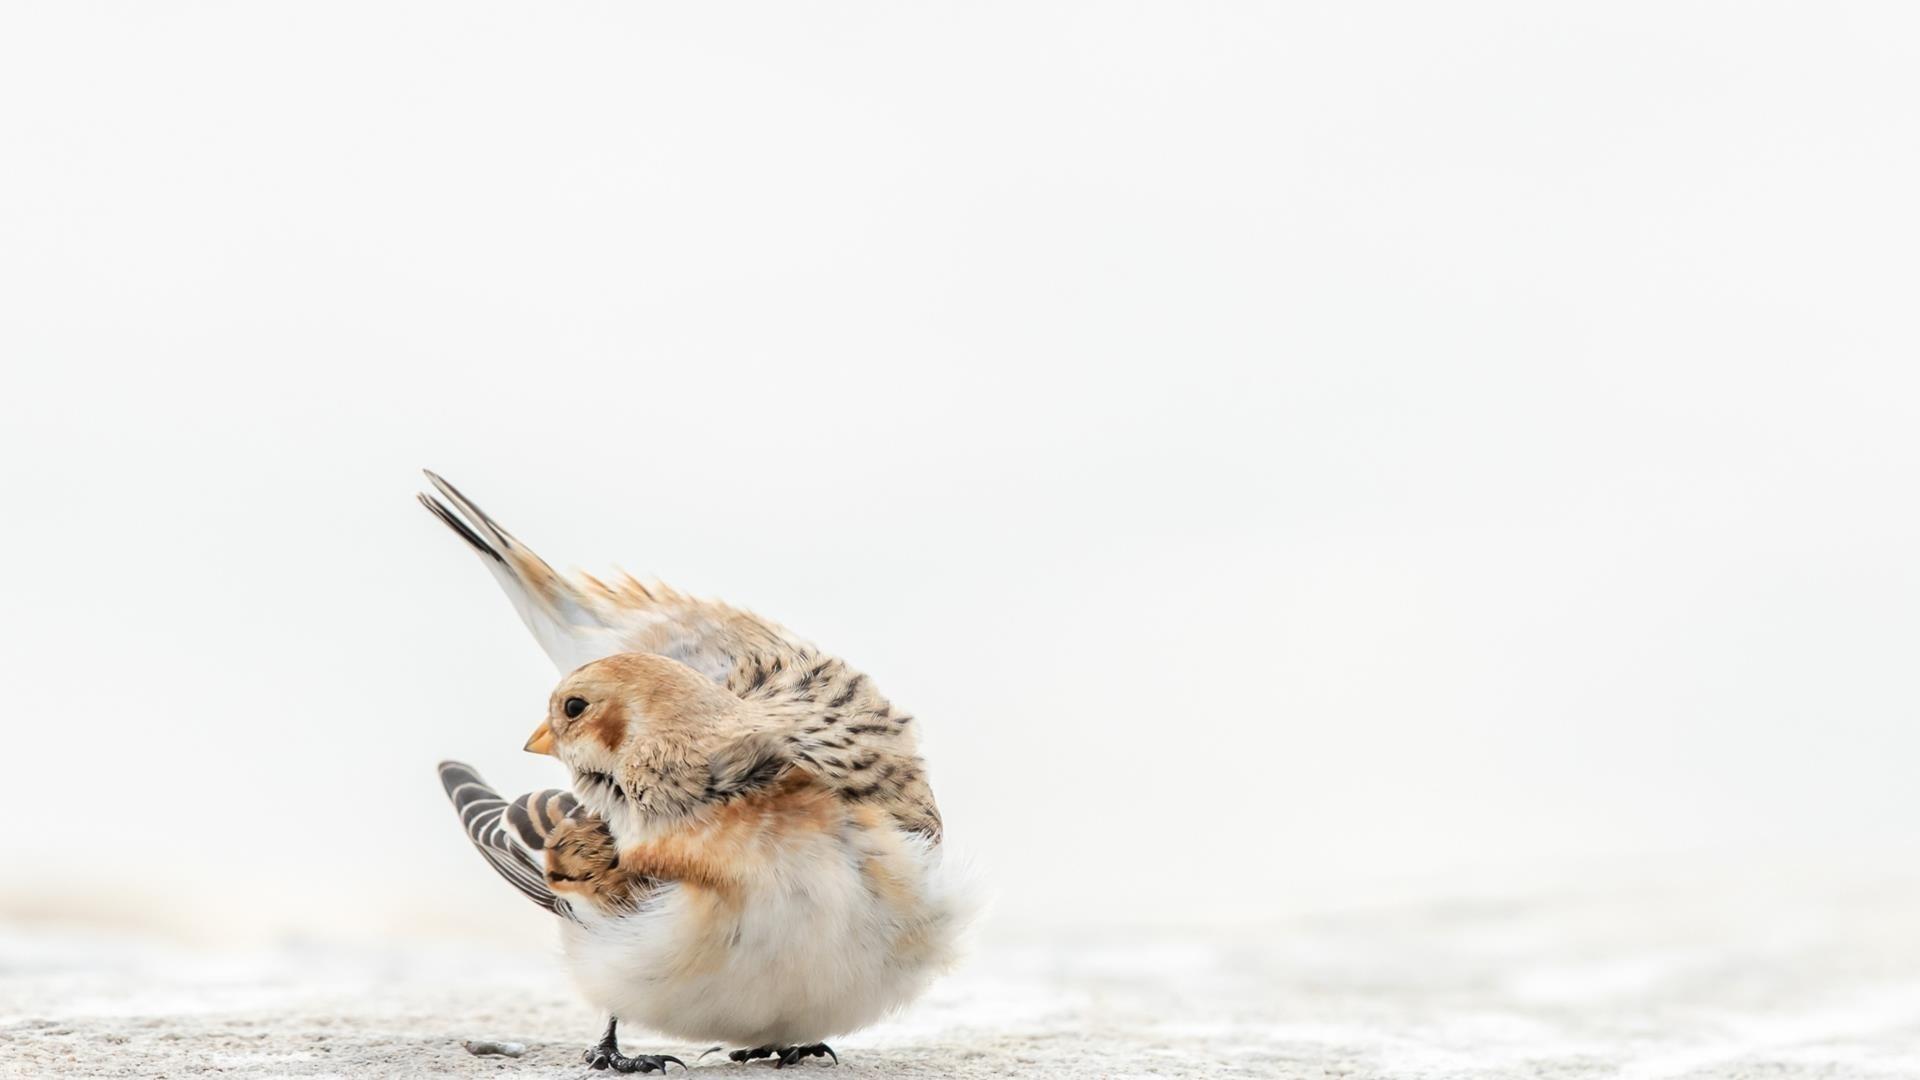 Бело коричневая овсянка птица на белом фоне животные обои скачать